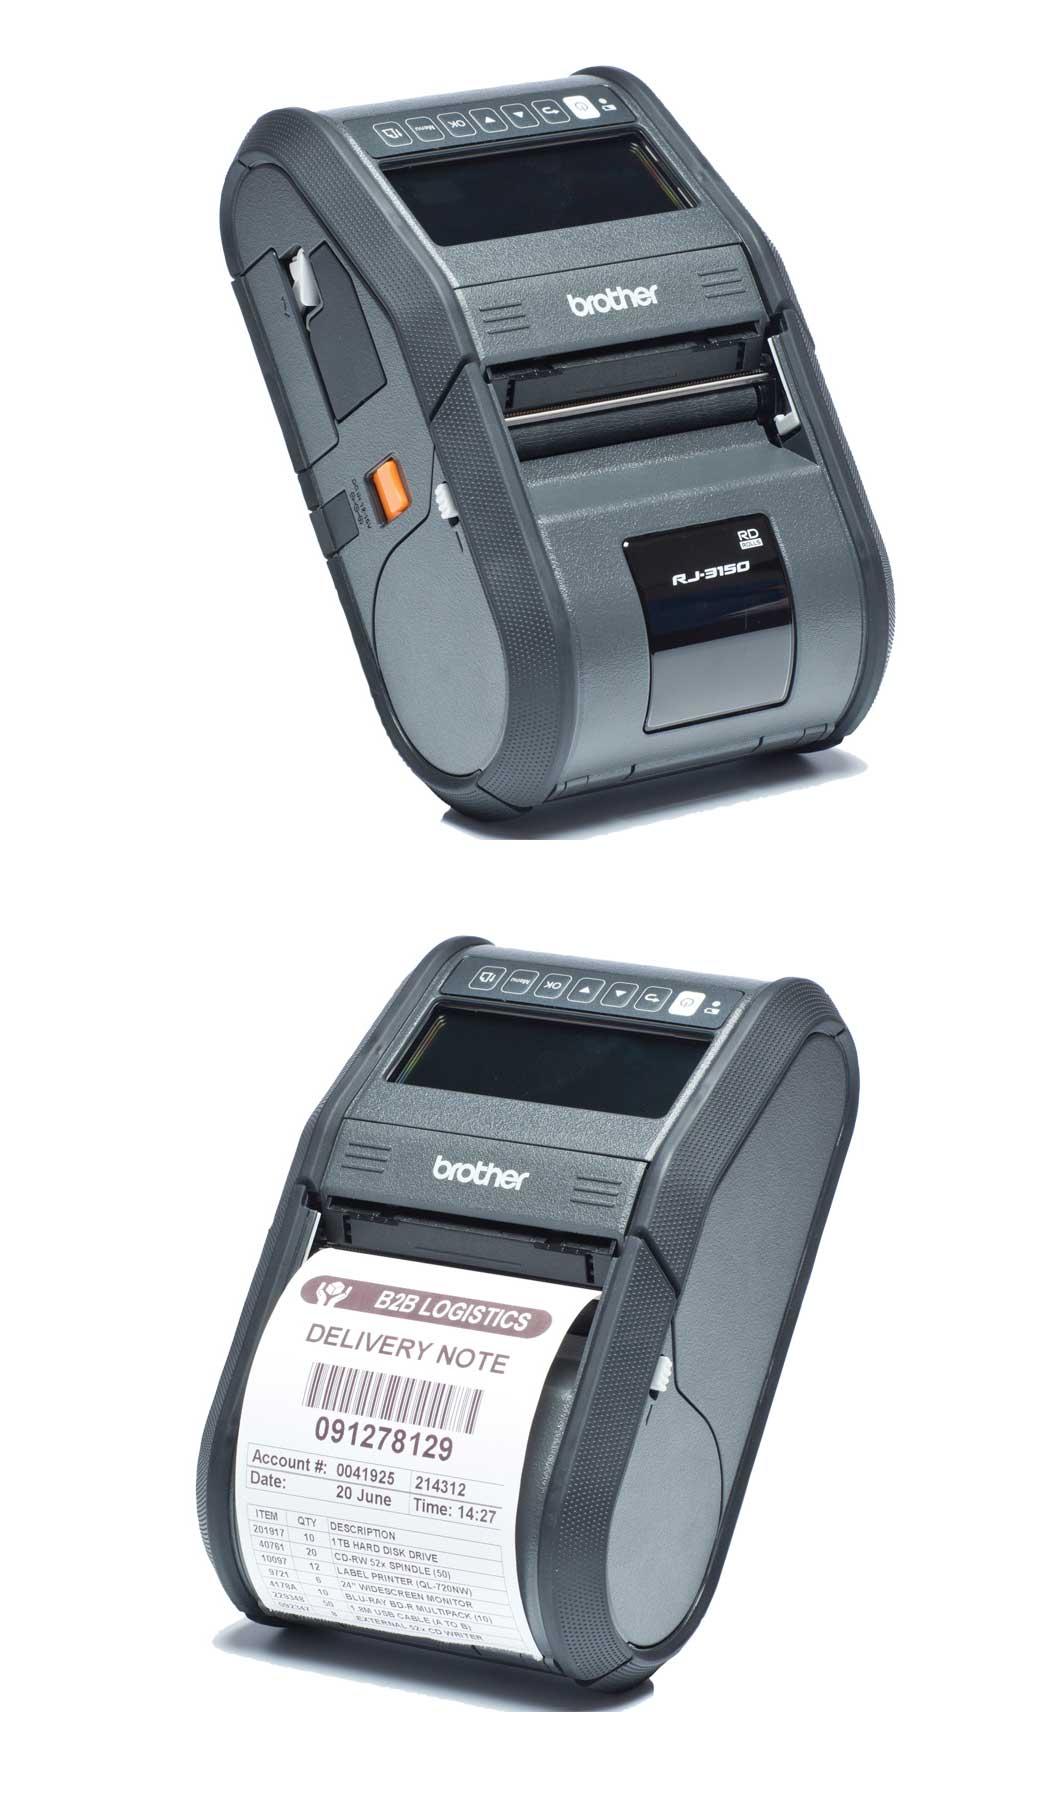 Rj 3150 Direct Thermal Printer